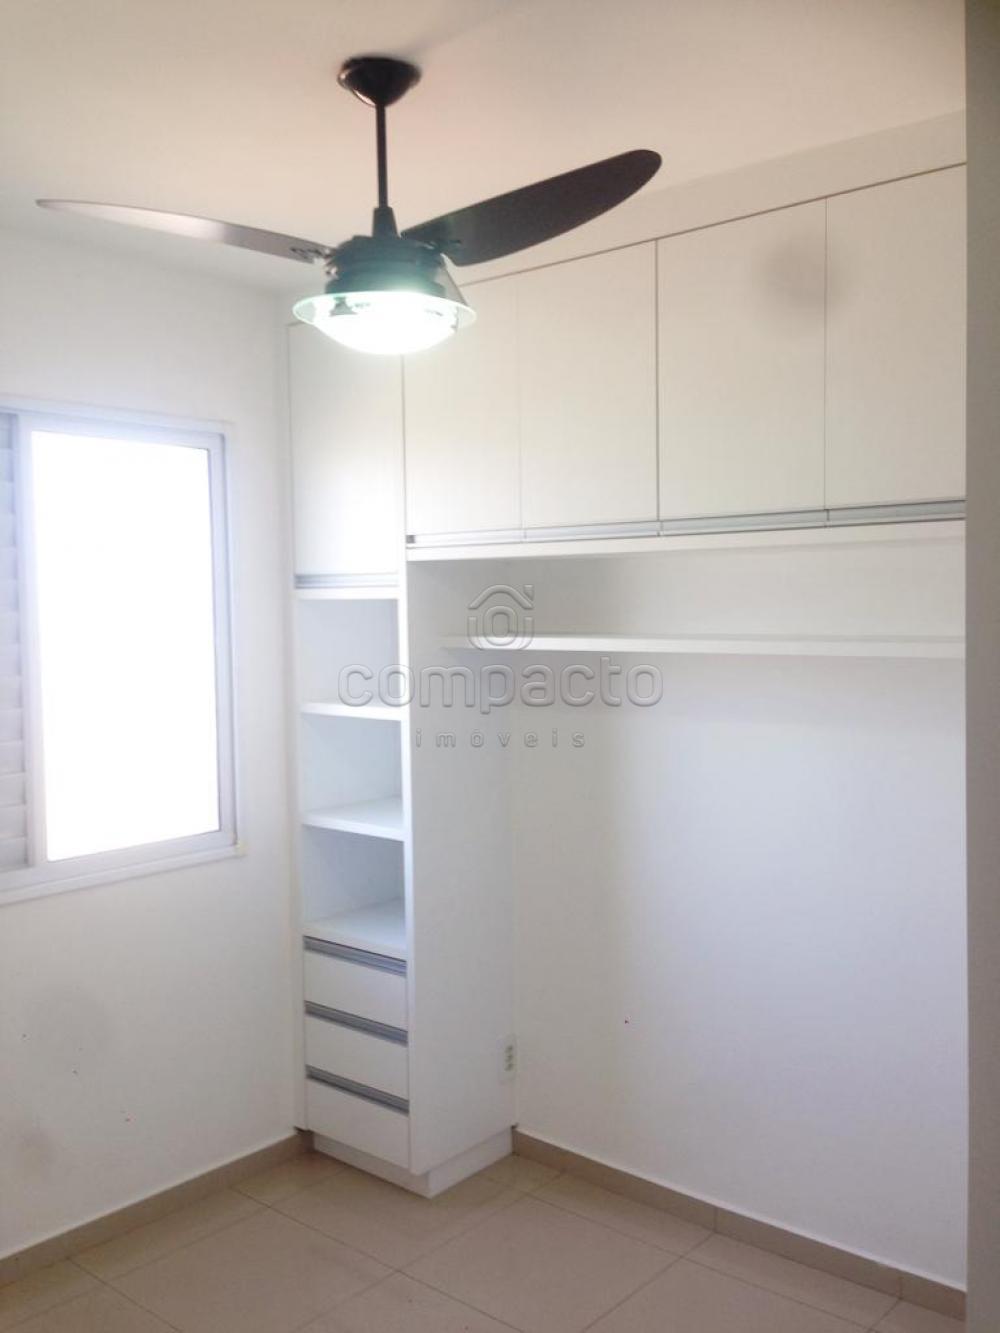 Comprar Apartamento / Padrão em São José do Rio Preto apenas R$ 240.000,00 - Foto 17